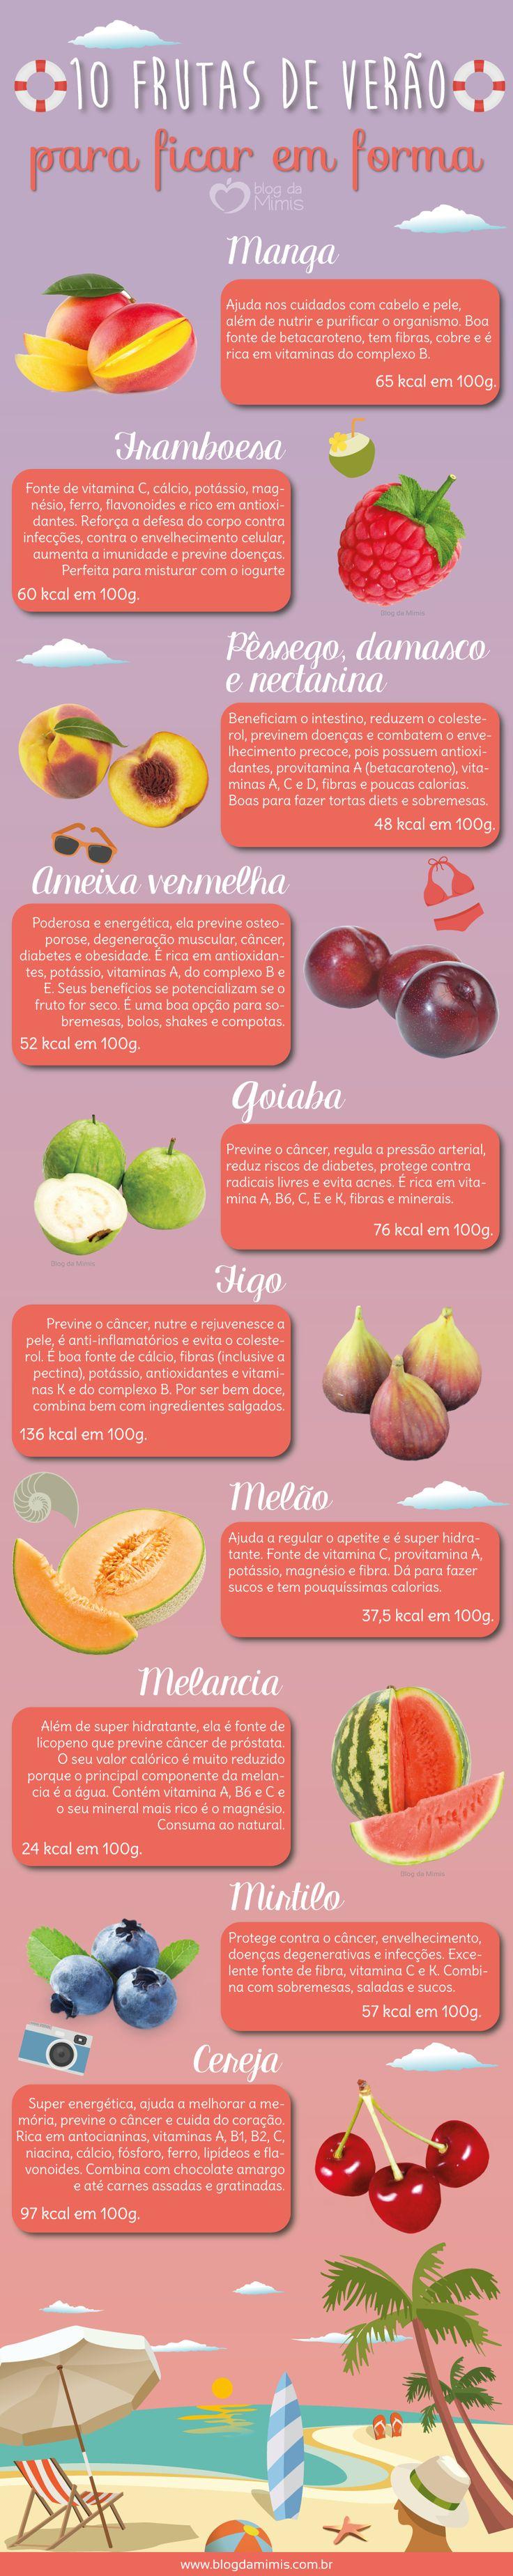 10 Frutas de verão para ficar em forma - Blog da Mimis - Super dieta ECONÔMICA de verão!! Vejam as top frutas da estação e suas calorias! Emagreçam já!